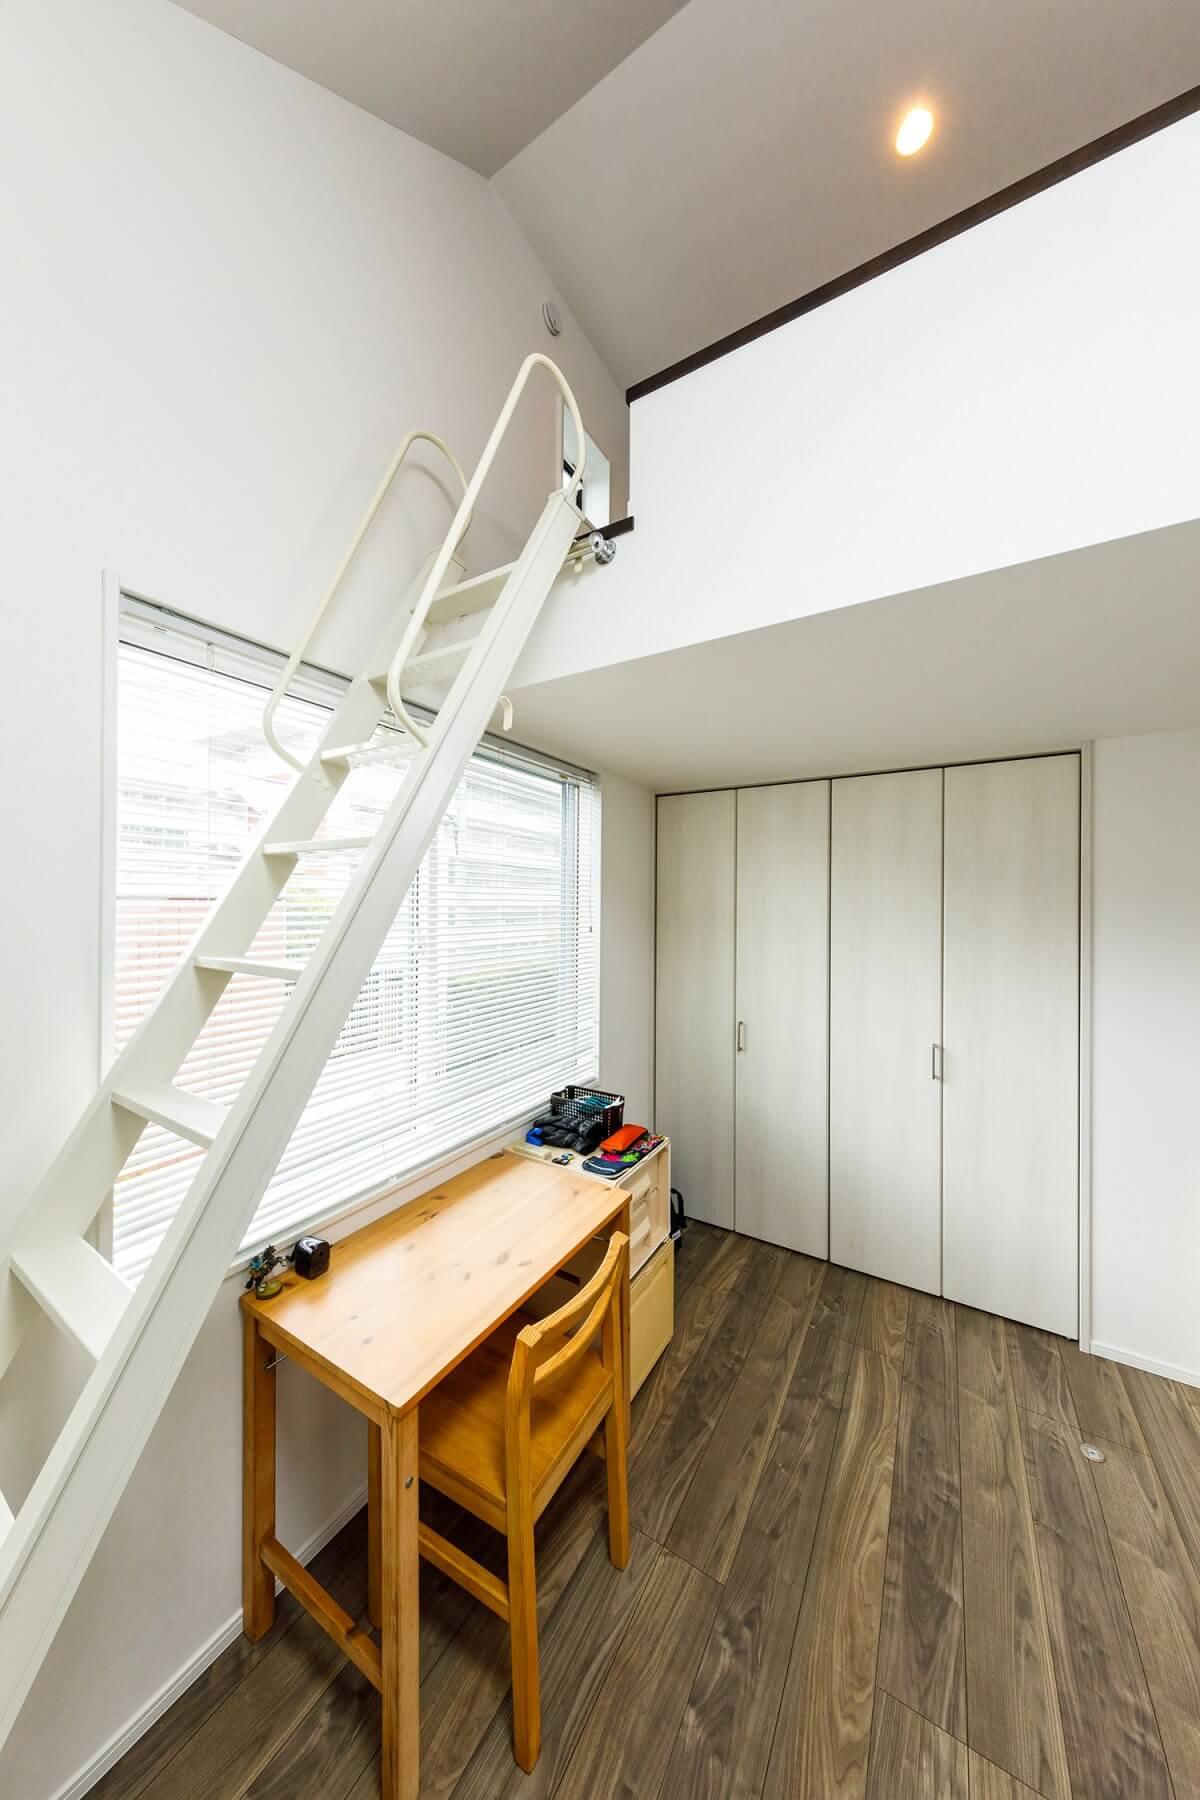 2階の子供部屋。充分な収納のほか、ロフトも設置。ロフトは、ベッドに加えて収納、そして秘密基地のような遊び場としても活用できます。